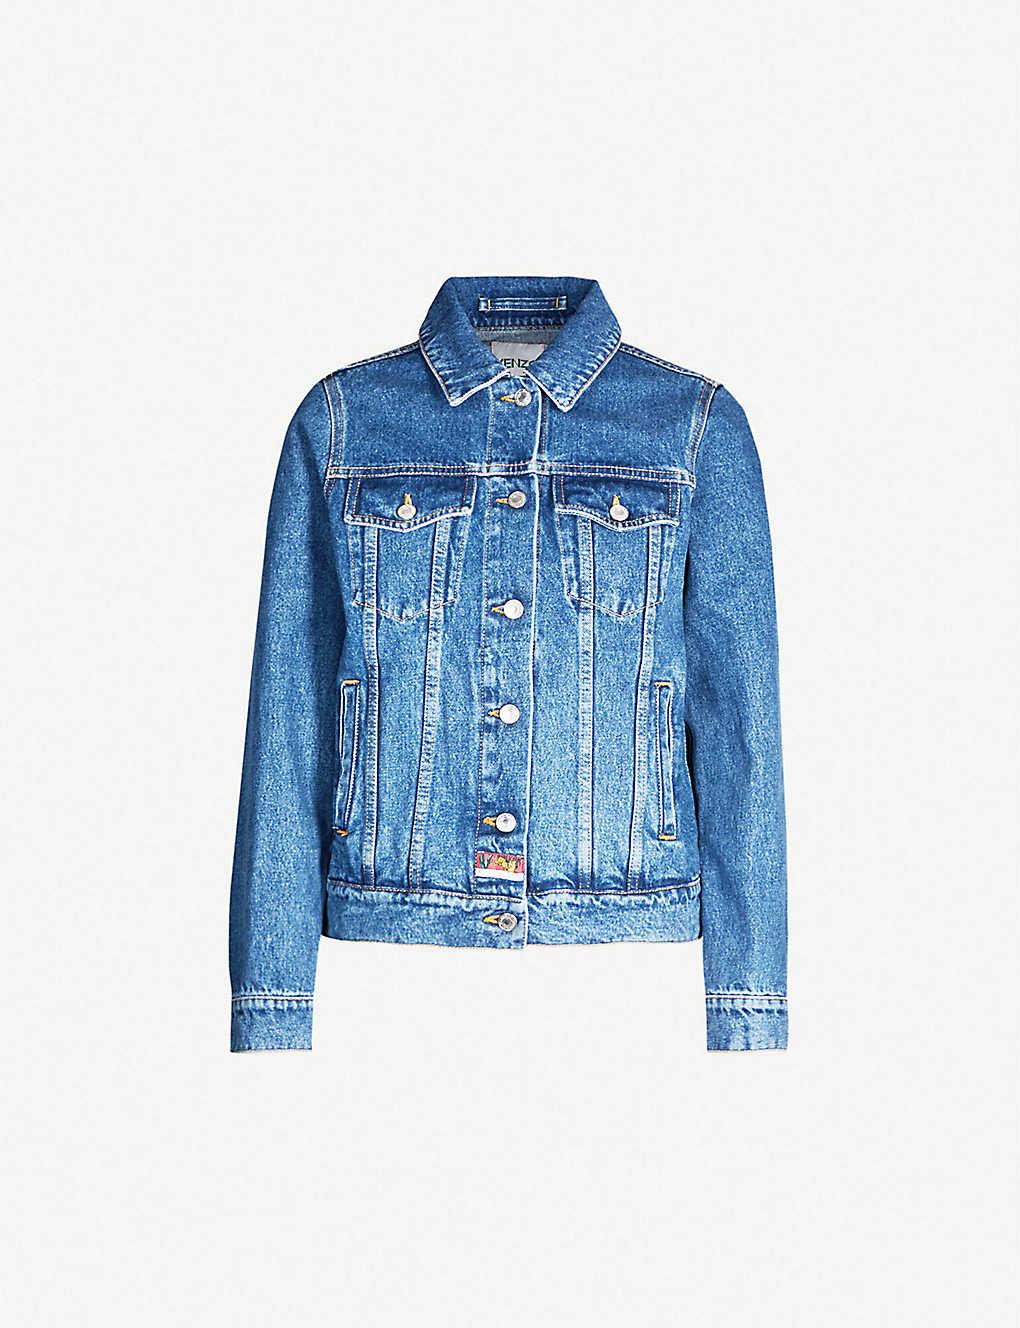 0cfb683c KENZO - Tiger-embroidered denim jacket | Selfridges.com